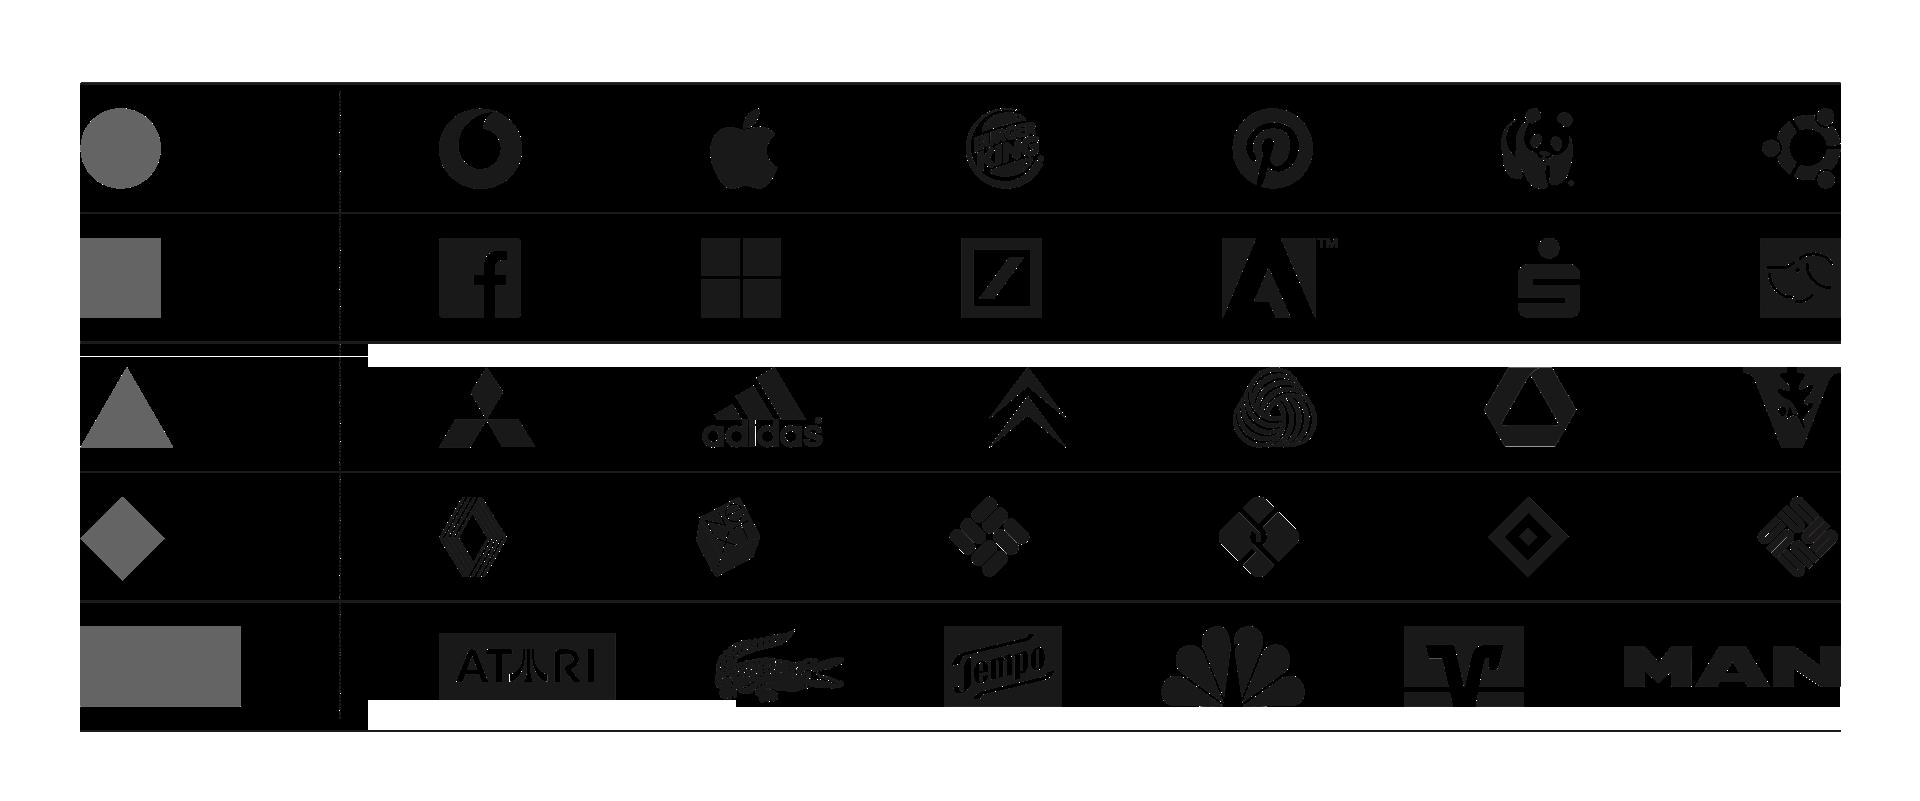 matter of design, blog, logo, wortmarke, bildmarke, wortbildmarke, marke, markensteuerung, markenführung, marketing, menschen, wissen